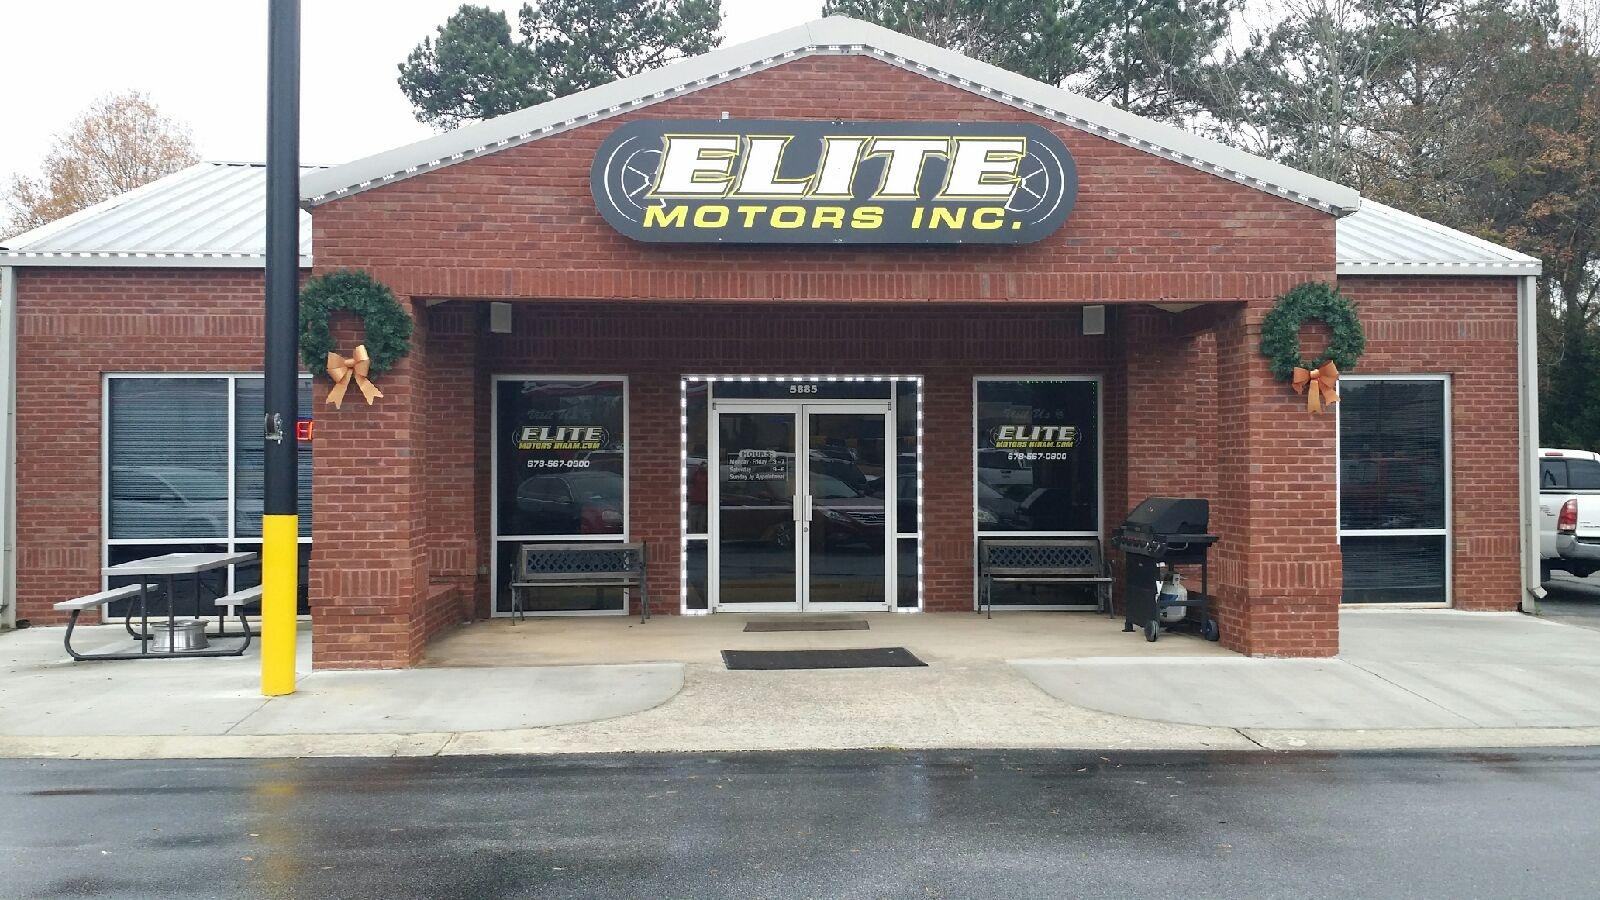 elite motors used car dealer dealership reviews autos post. Black Bedroom Furniture Sets. Home Design Ideas